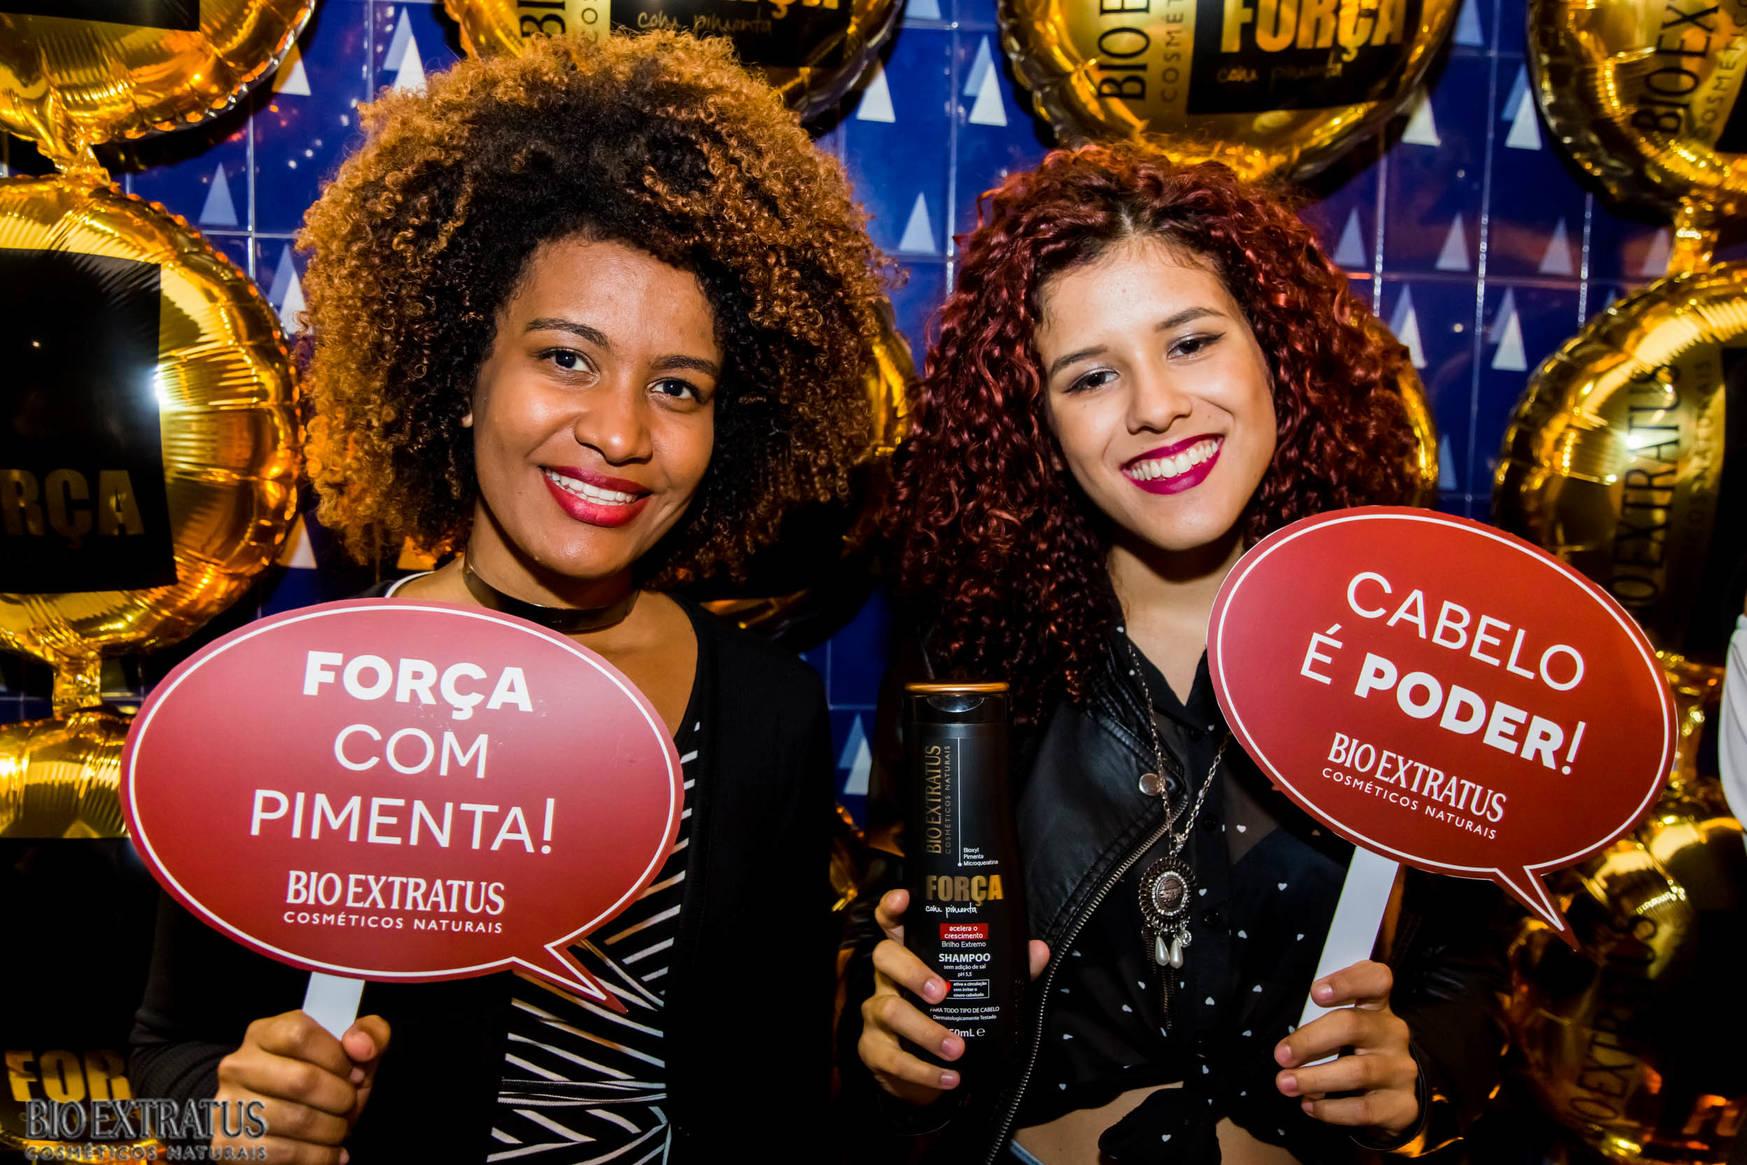 Coquetel de Lançamento da Linha Força com Pimenta em Belo Horizonte - 18